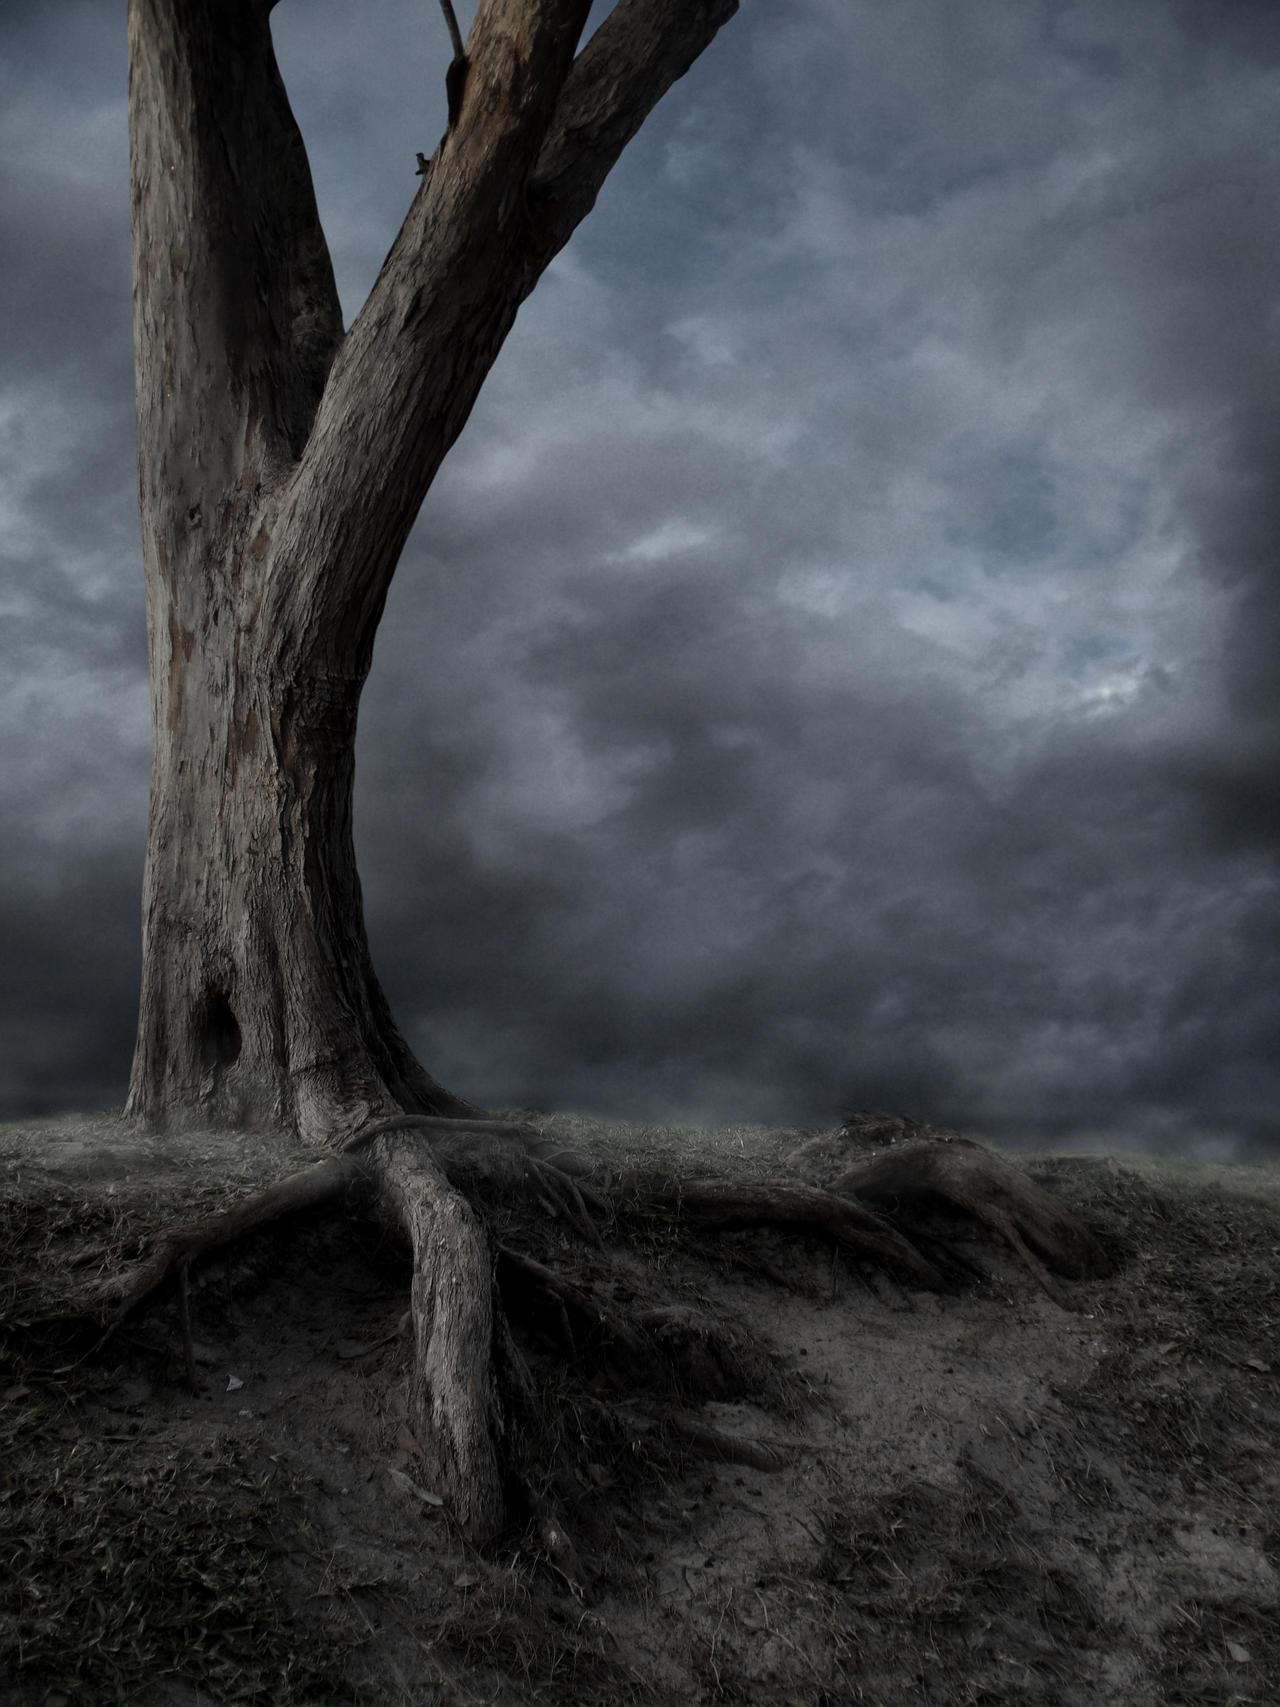 Dead Tree BG